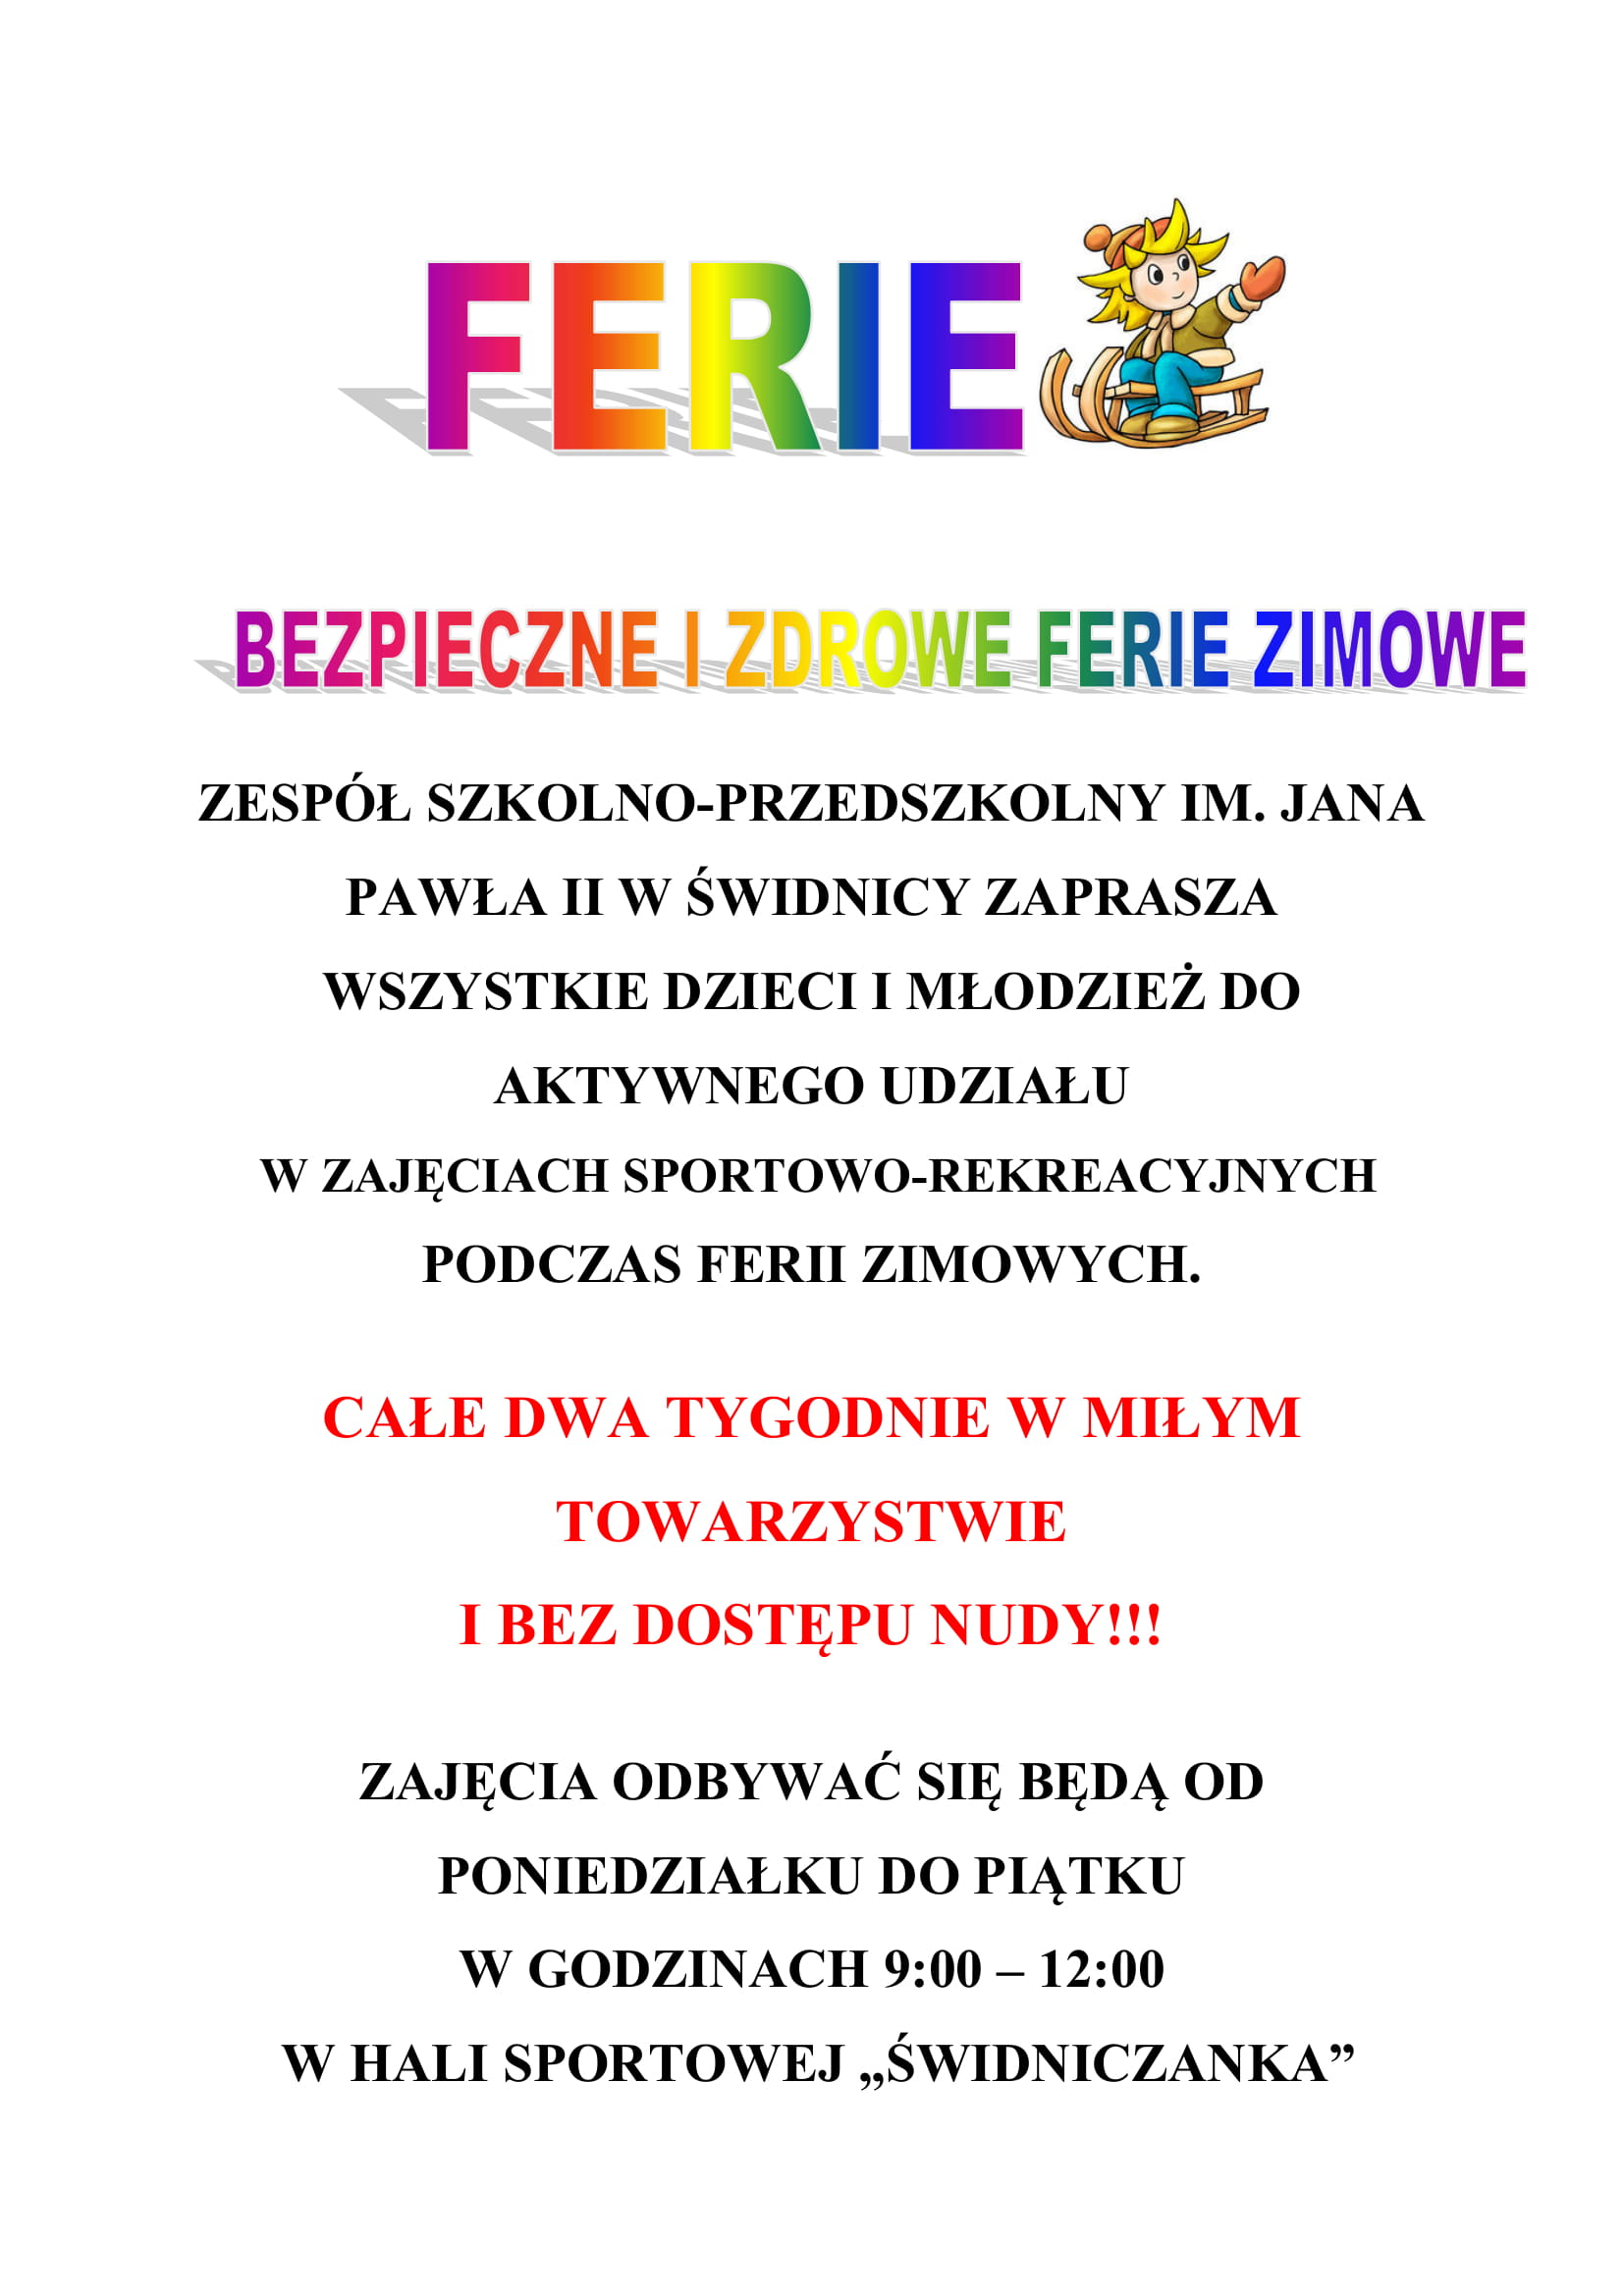 Ilustracja do informacji: Oferta ferii zimowych Zespołu Szkolno-Przedszkolnego w Świdnicy